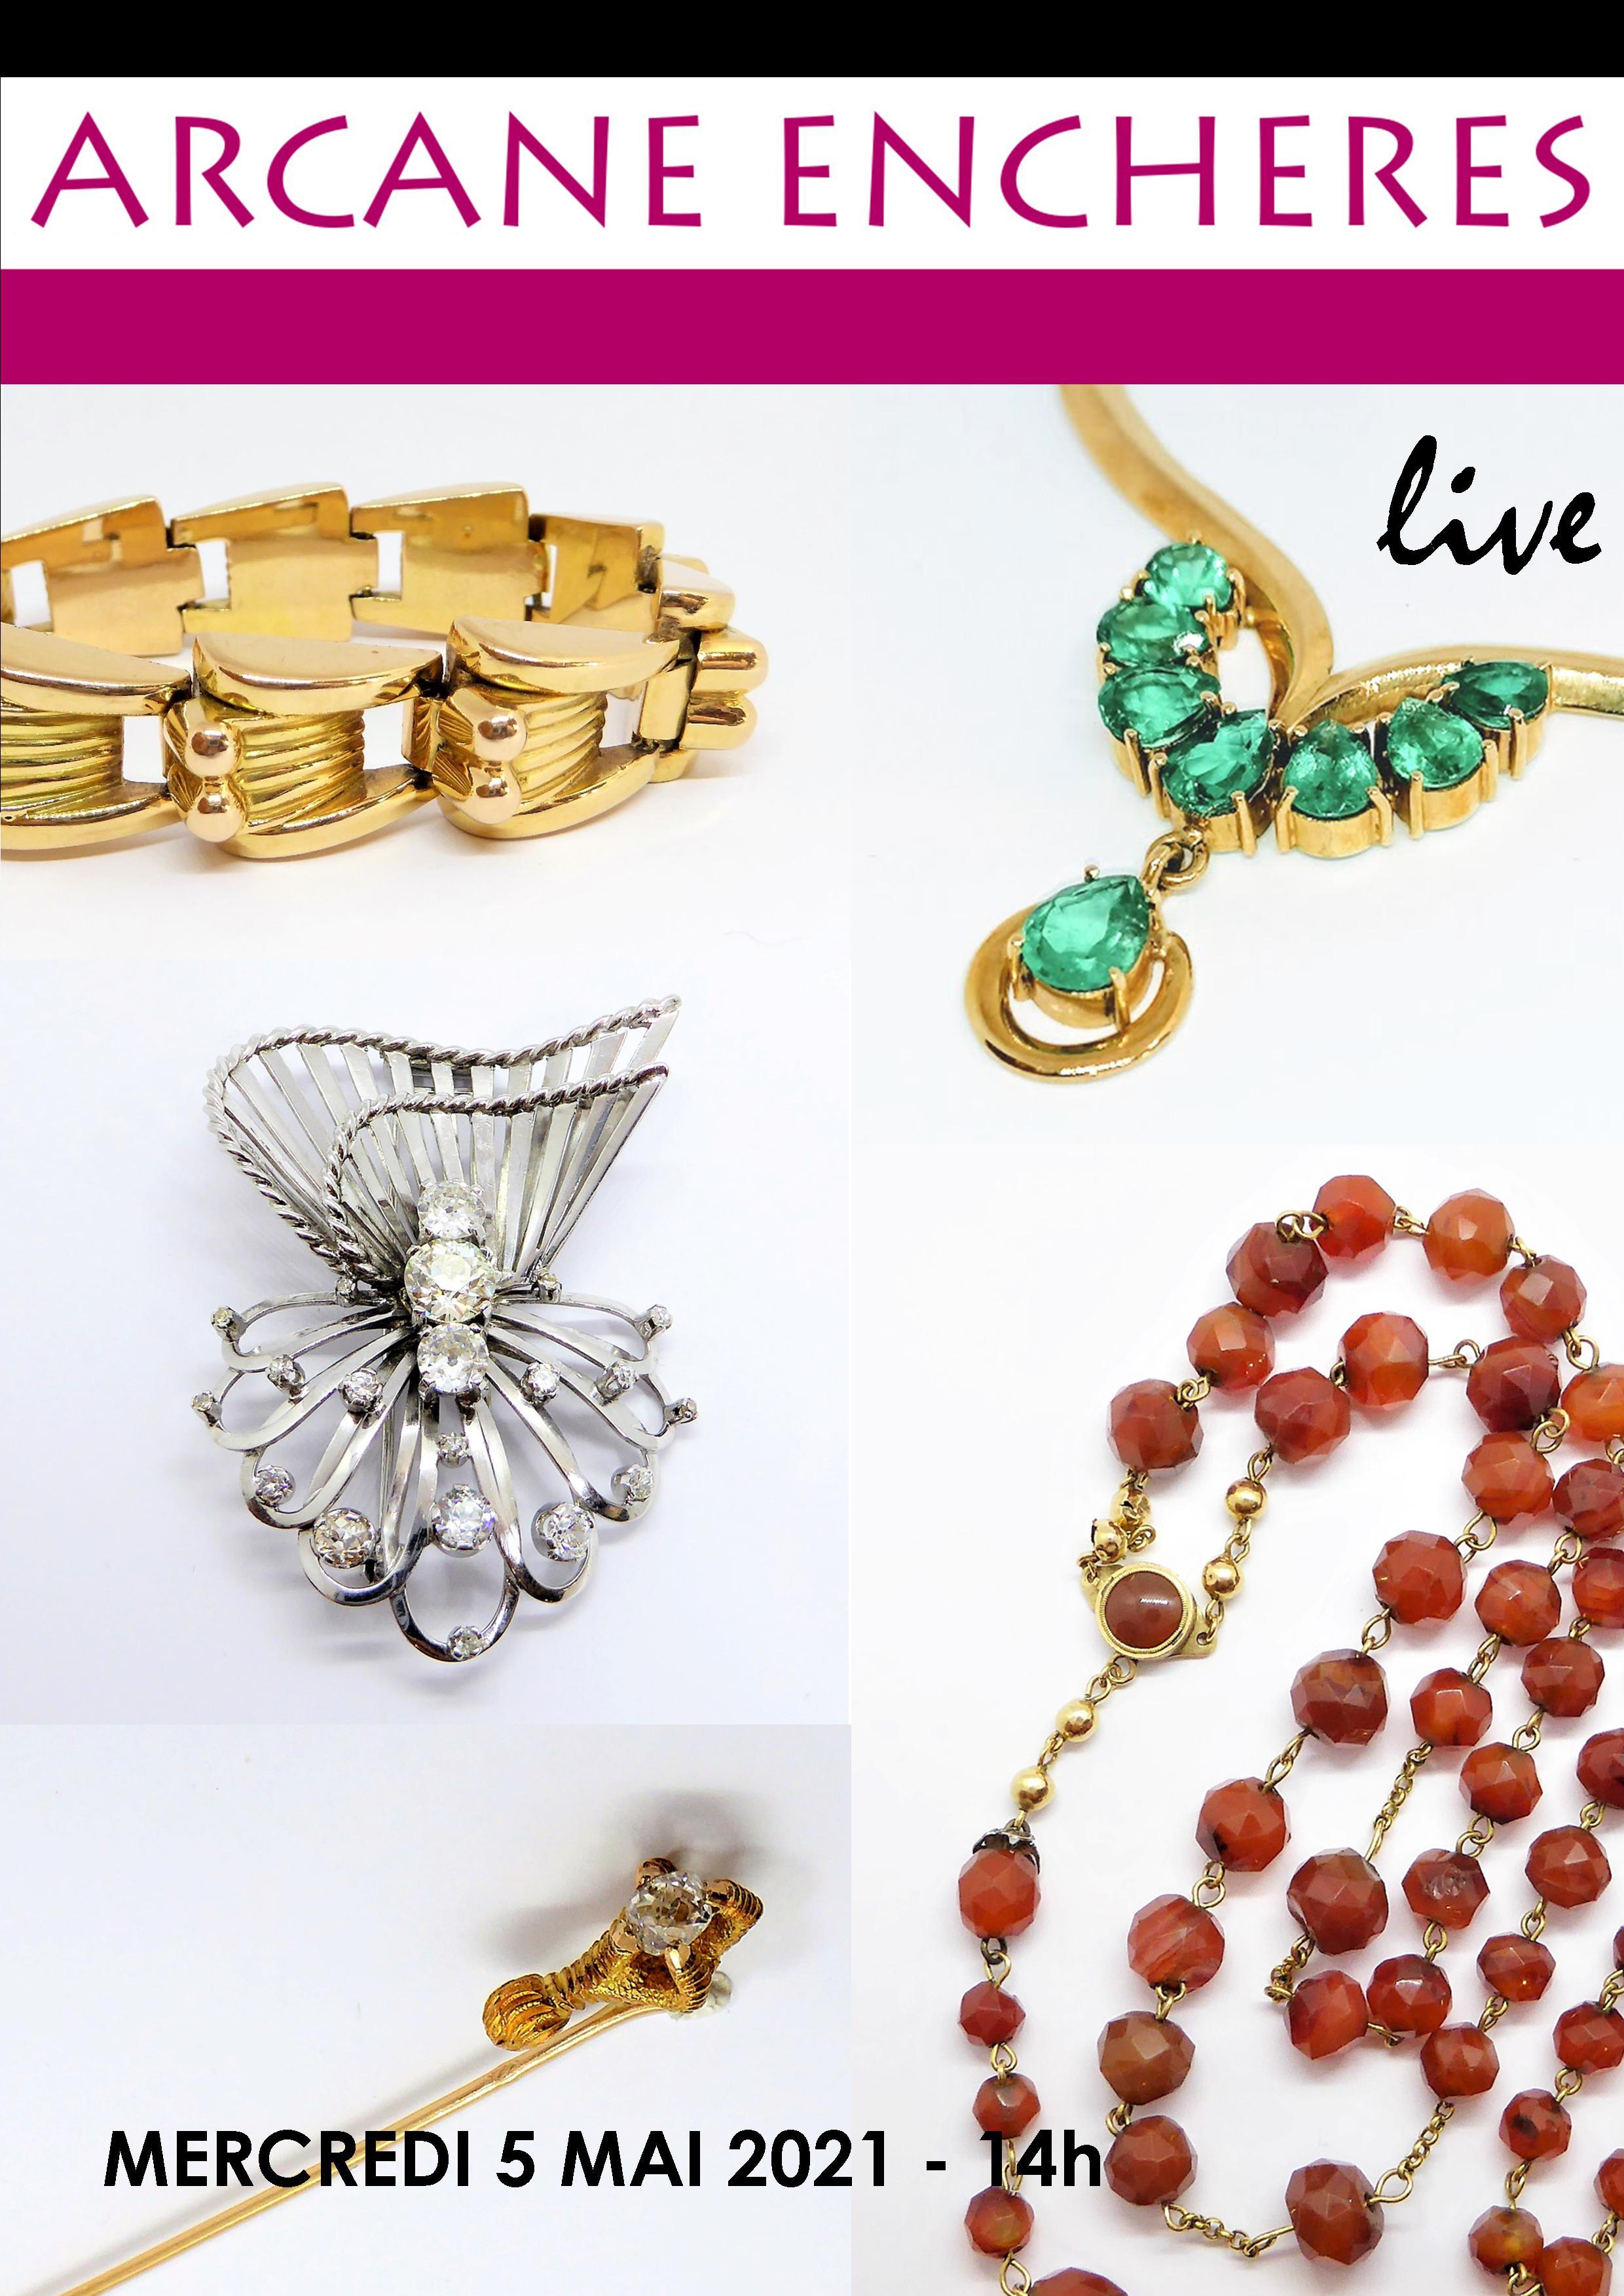 Vente Bijoux Anciens et Modernes, Mode et Accessoires, Argenterie, Montres, Pierres Précieuses chez ARCANE ENCHERES : 396 lots